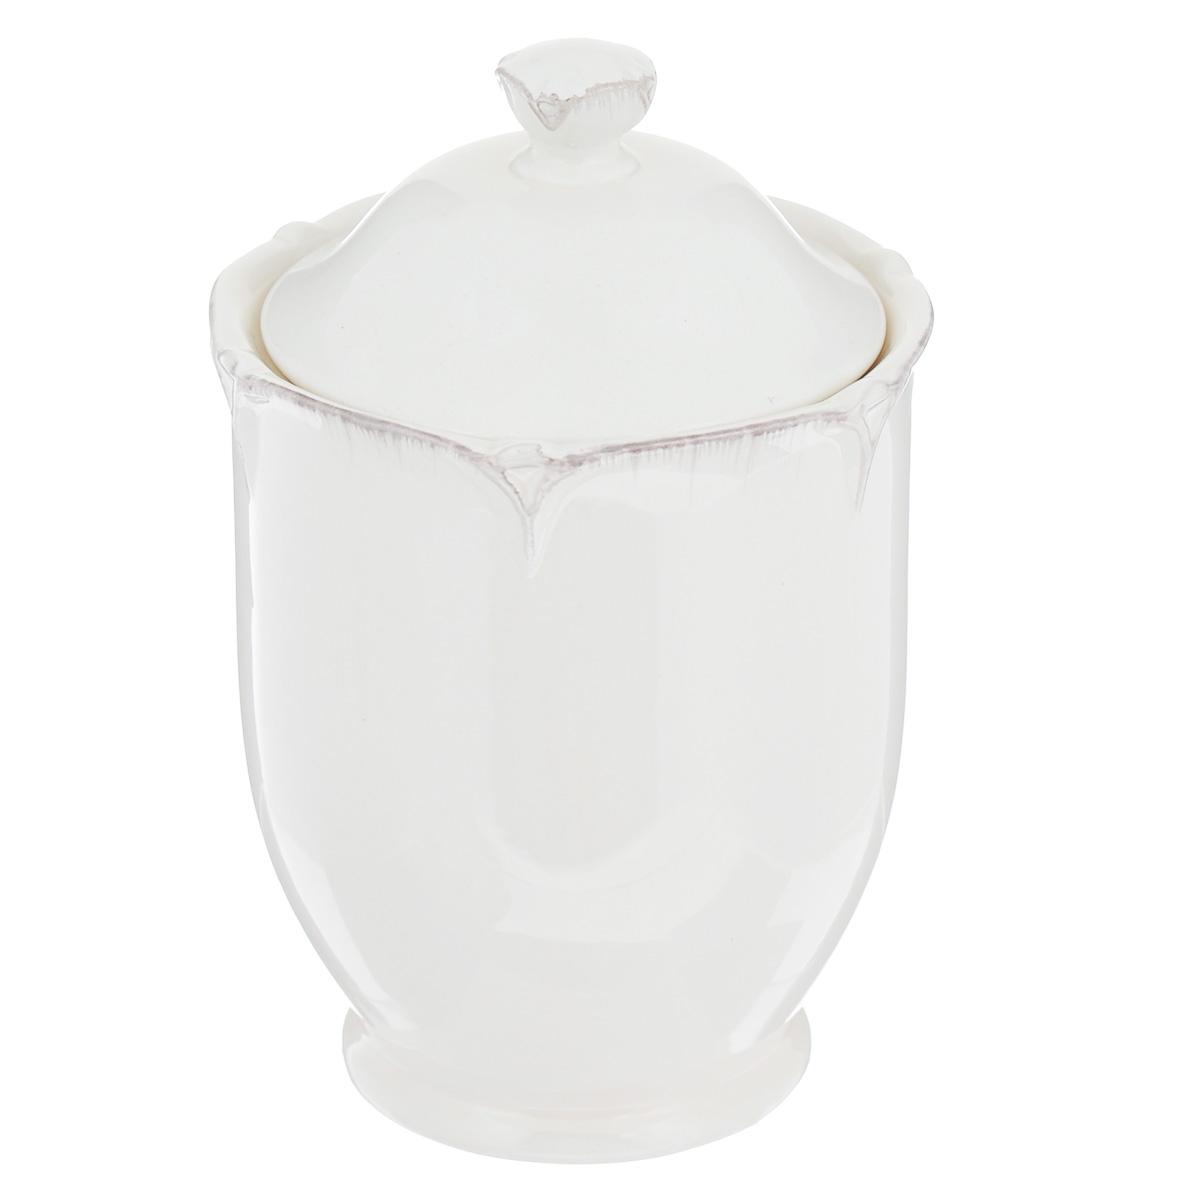 Банка для сыпучих продуктов Lillo Ideal, цвет: молочный, 700 млVT-1520(SR)Банка для сыпучих продуктов Lillo Ideal изготовлена из высококачественной керамики. Банка оснащена плотно закрывающейся крышкой с термоусадкой. Благодаря этому внутри сохраняется герметичность, и продукты дольше остаются свежими. Изделие предназначено для хранения различных сыпучих продуктов: круп, чая, сахара, орехов и многого другого. Функциональная и вместительная, такая банка станет незаменимым аксессуаром на любой кухне. Можно мыть в посудомоечной машине. Объем: 700 мл.Диаметр (по верхнему краю): 8,5 см.Высота банки (без учета крышки): 13 см.